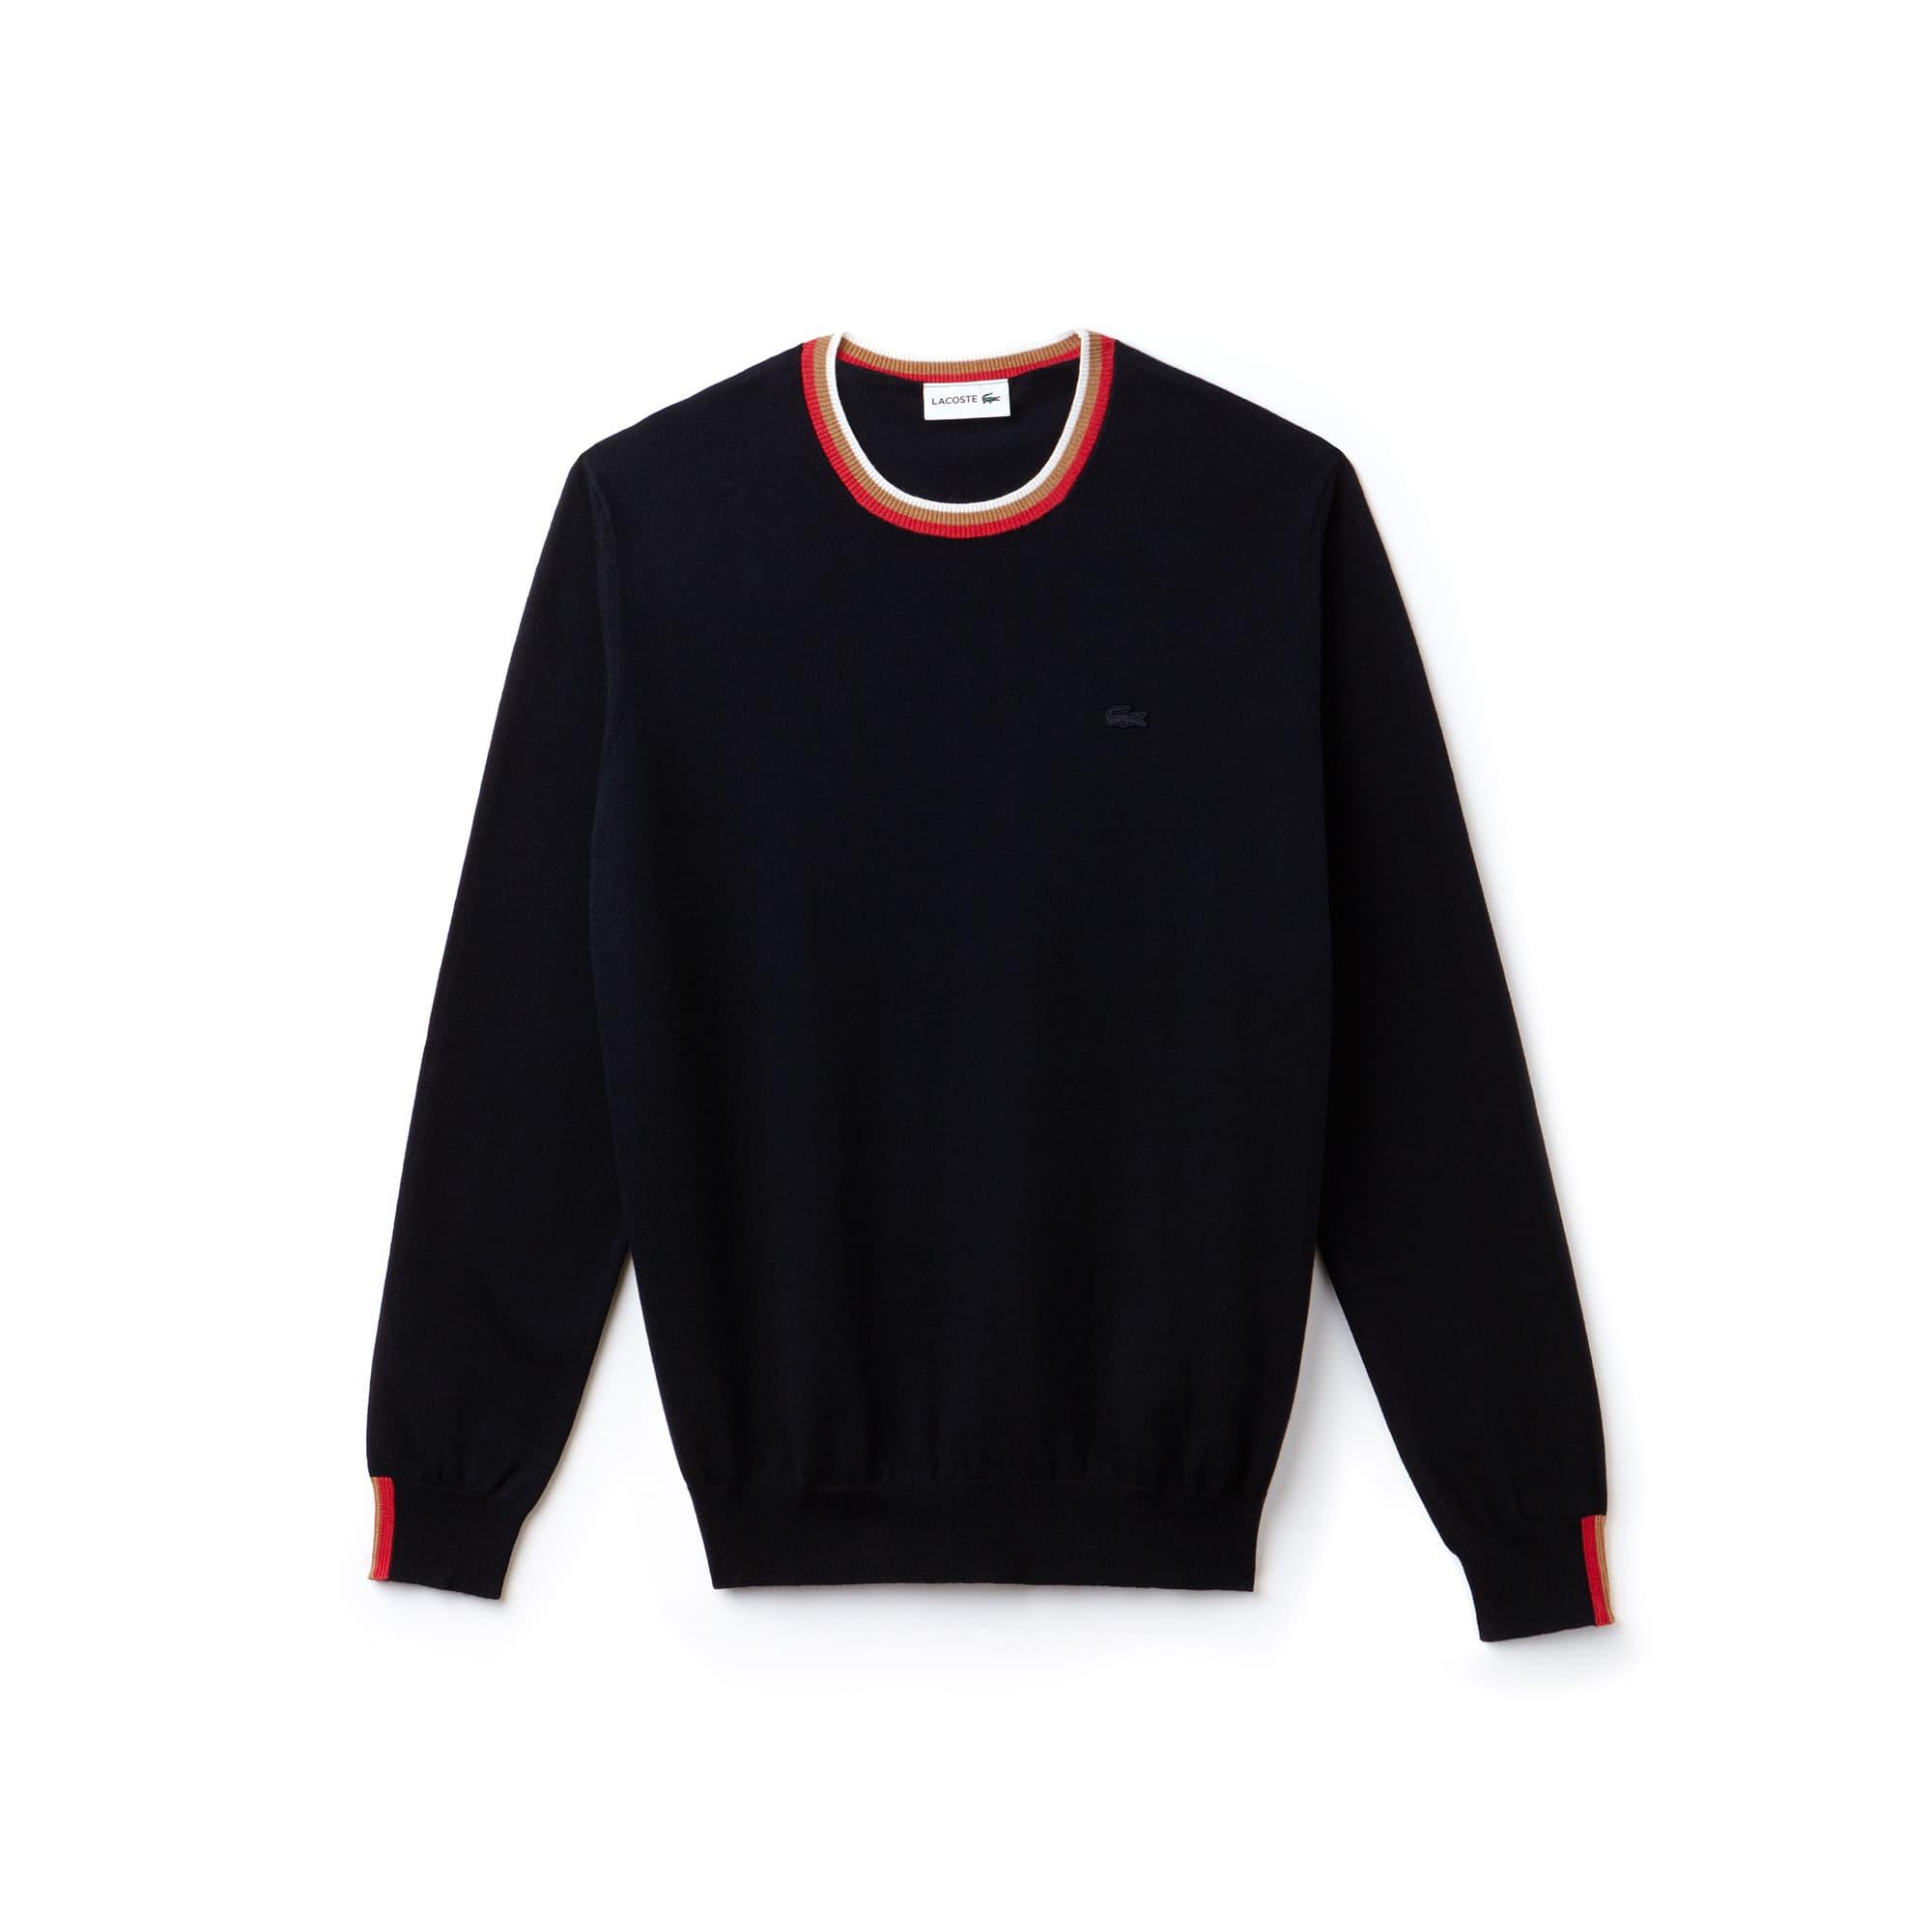 Lacoste Motion-sweater heren jersey met ronde hals en gestreepte accenten